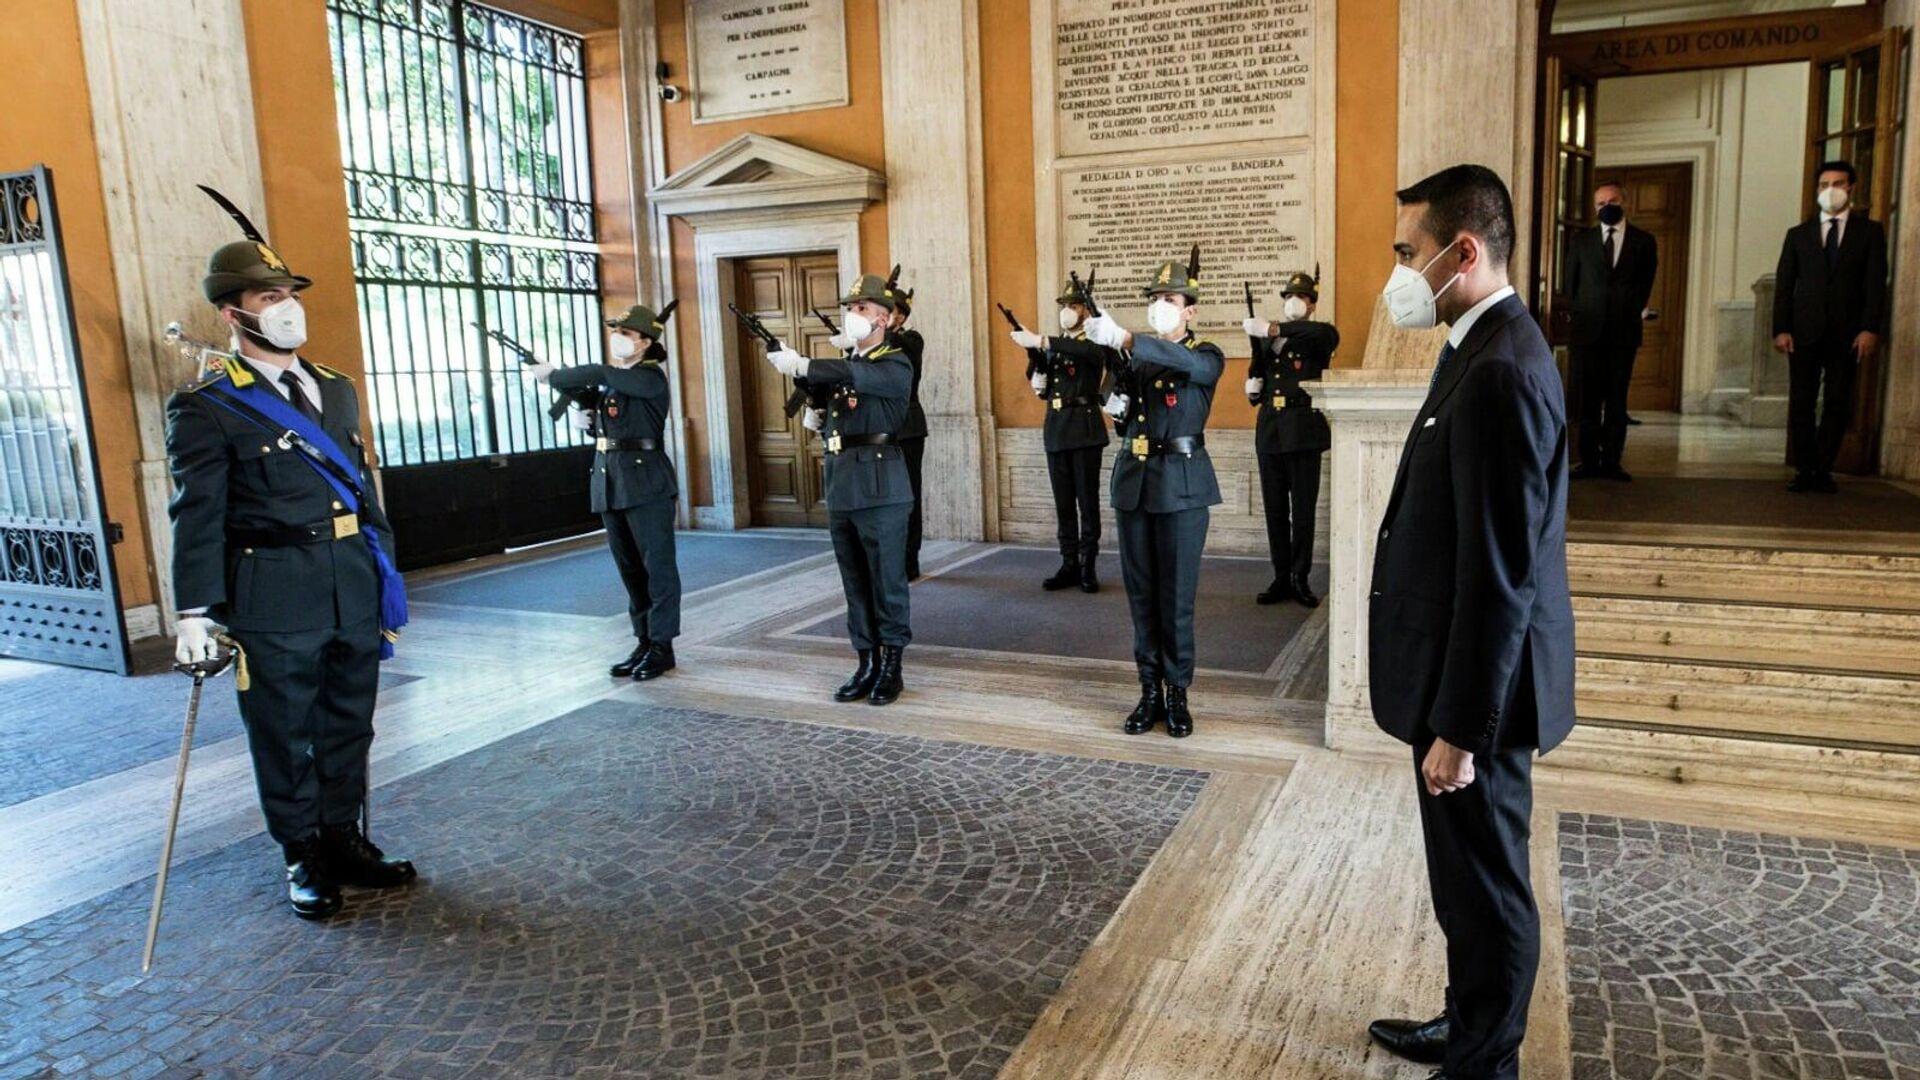 Il ministro Di Maio in visita al Comando Generale della Guardia di Finanza, 26 maggio 2021 - Sputnik Italia, 1920, 26.05.2021